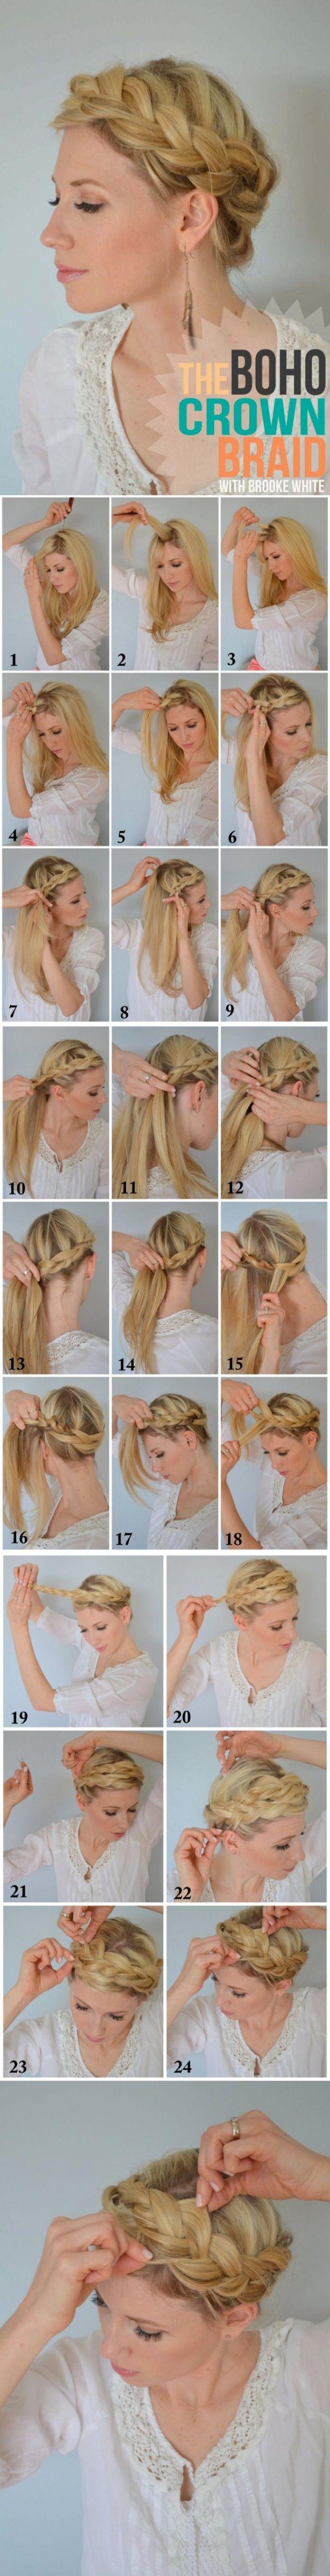 Руководство → Как заплести косу-корону или греческую косу в стиле «Бохо» (подробная инструкция с фото)